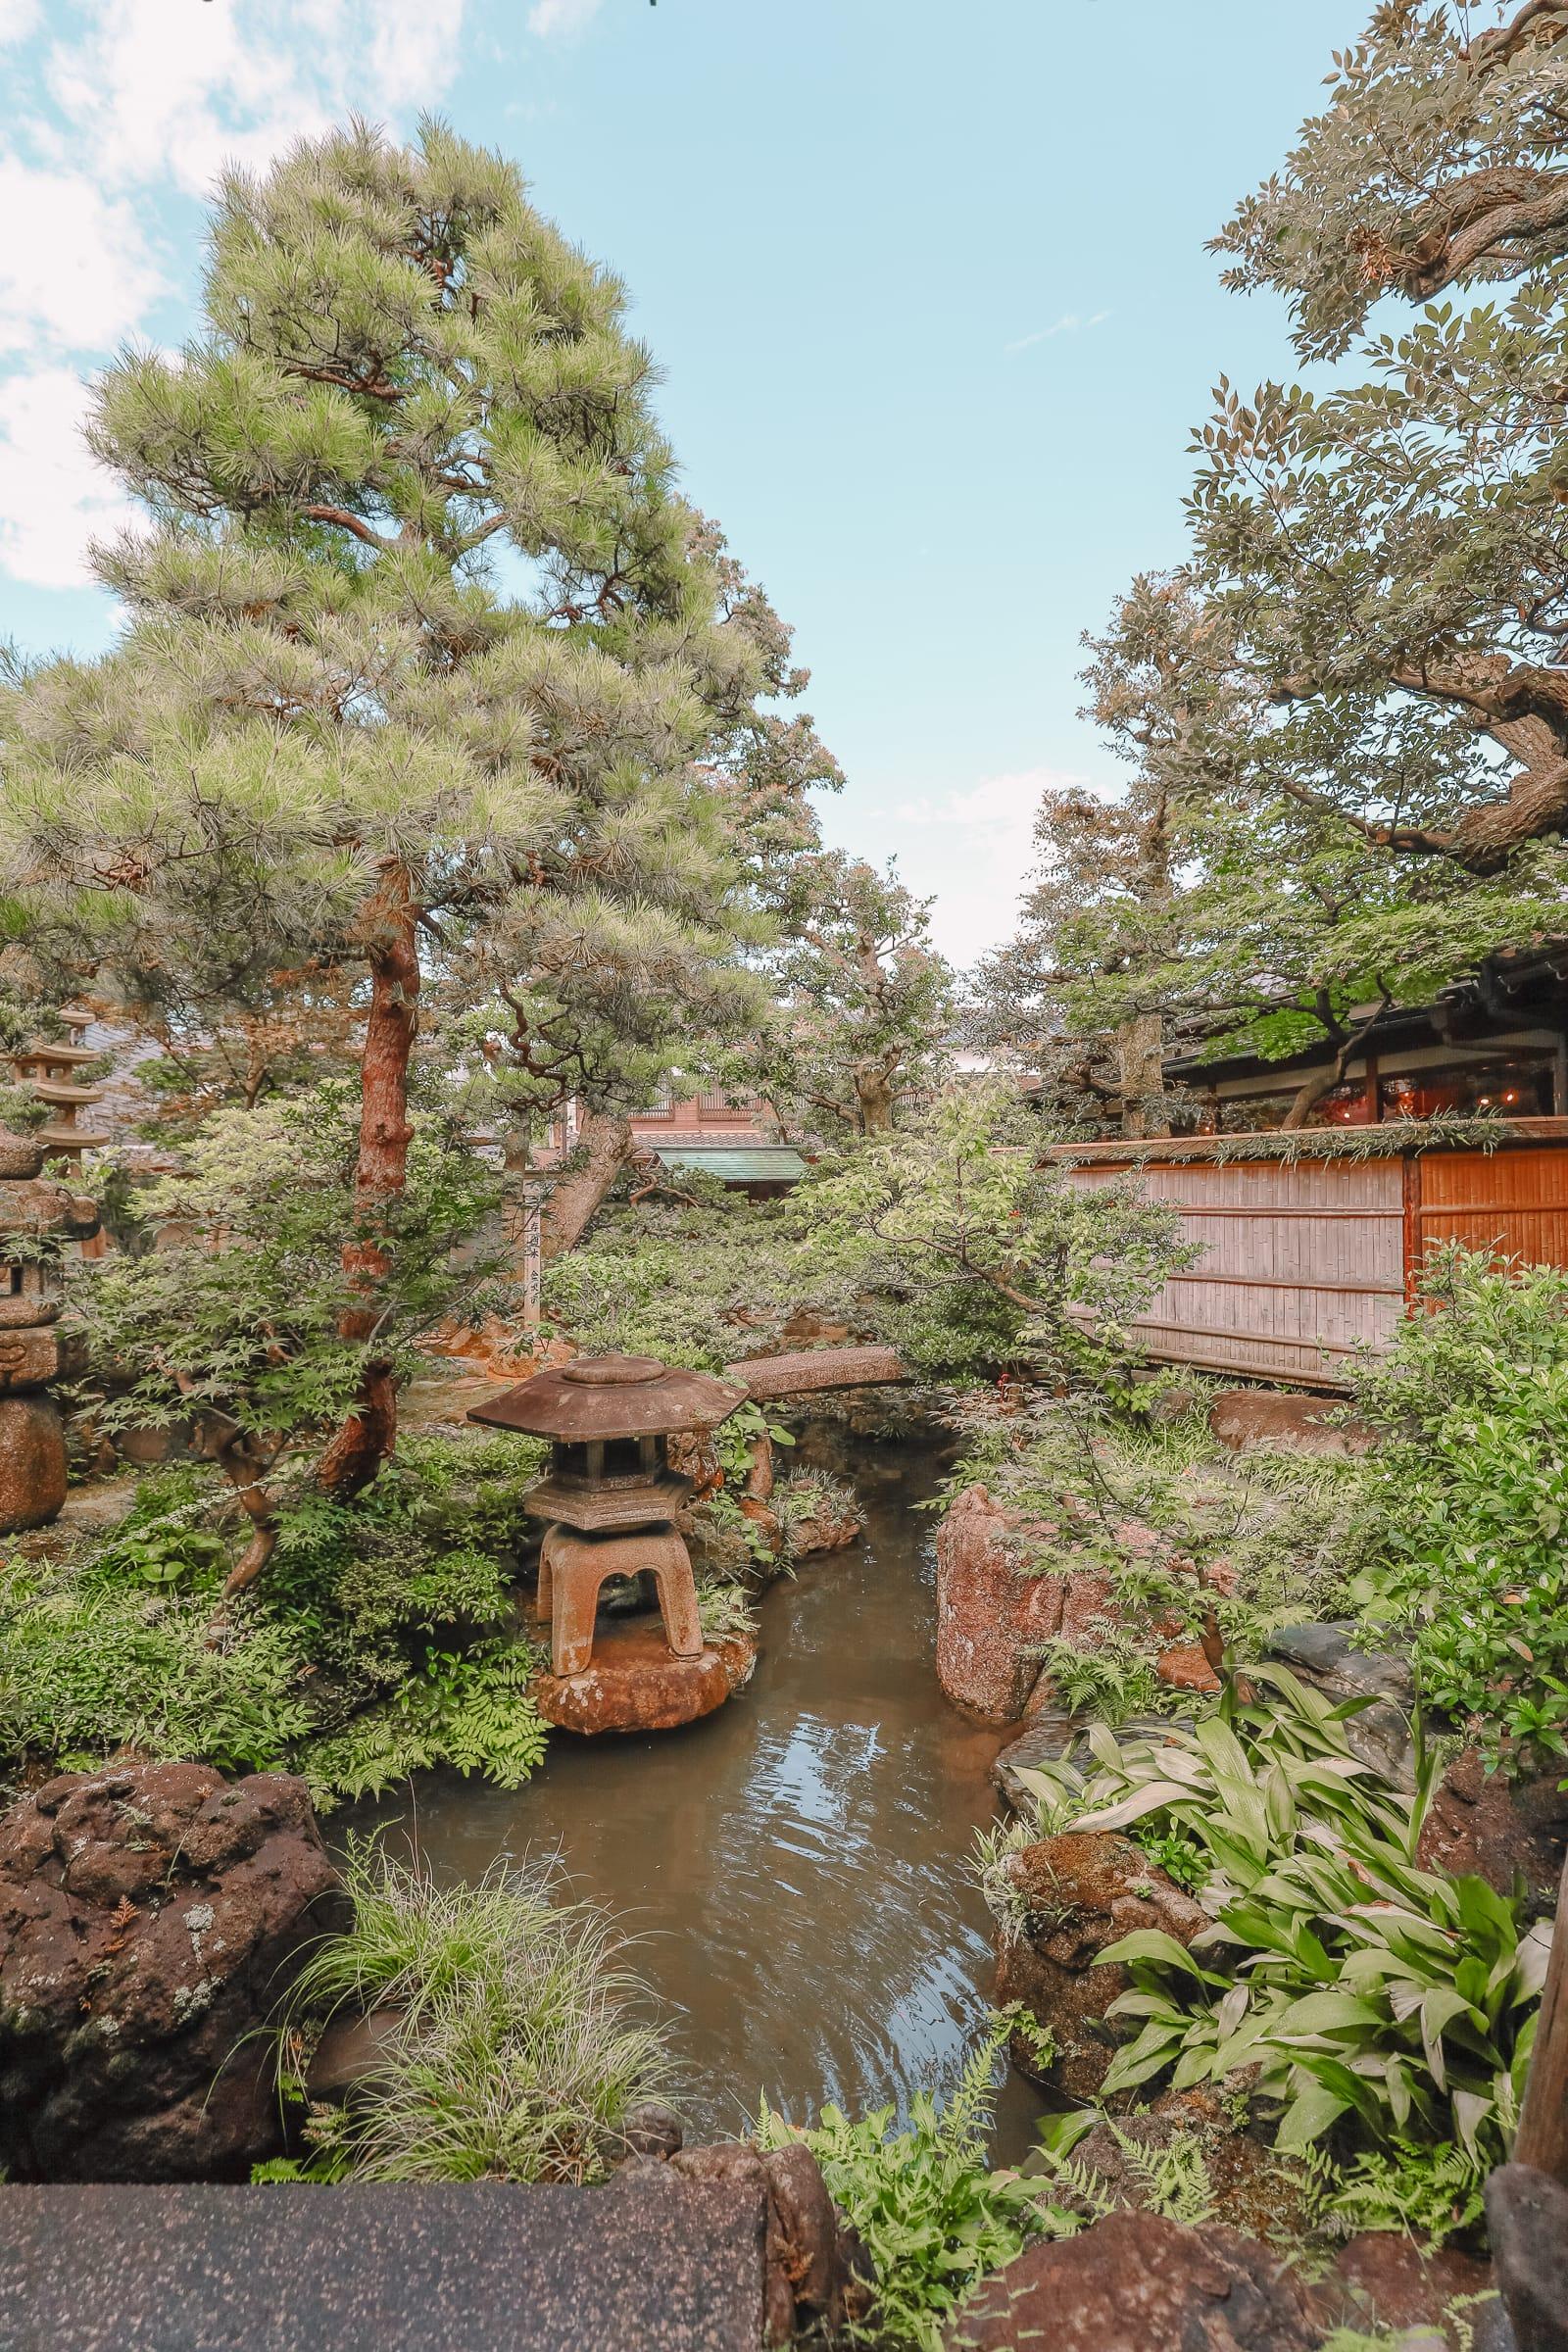 Finding The Samurai District Of Kanazawa and Hakusan City - Japan (54)